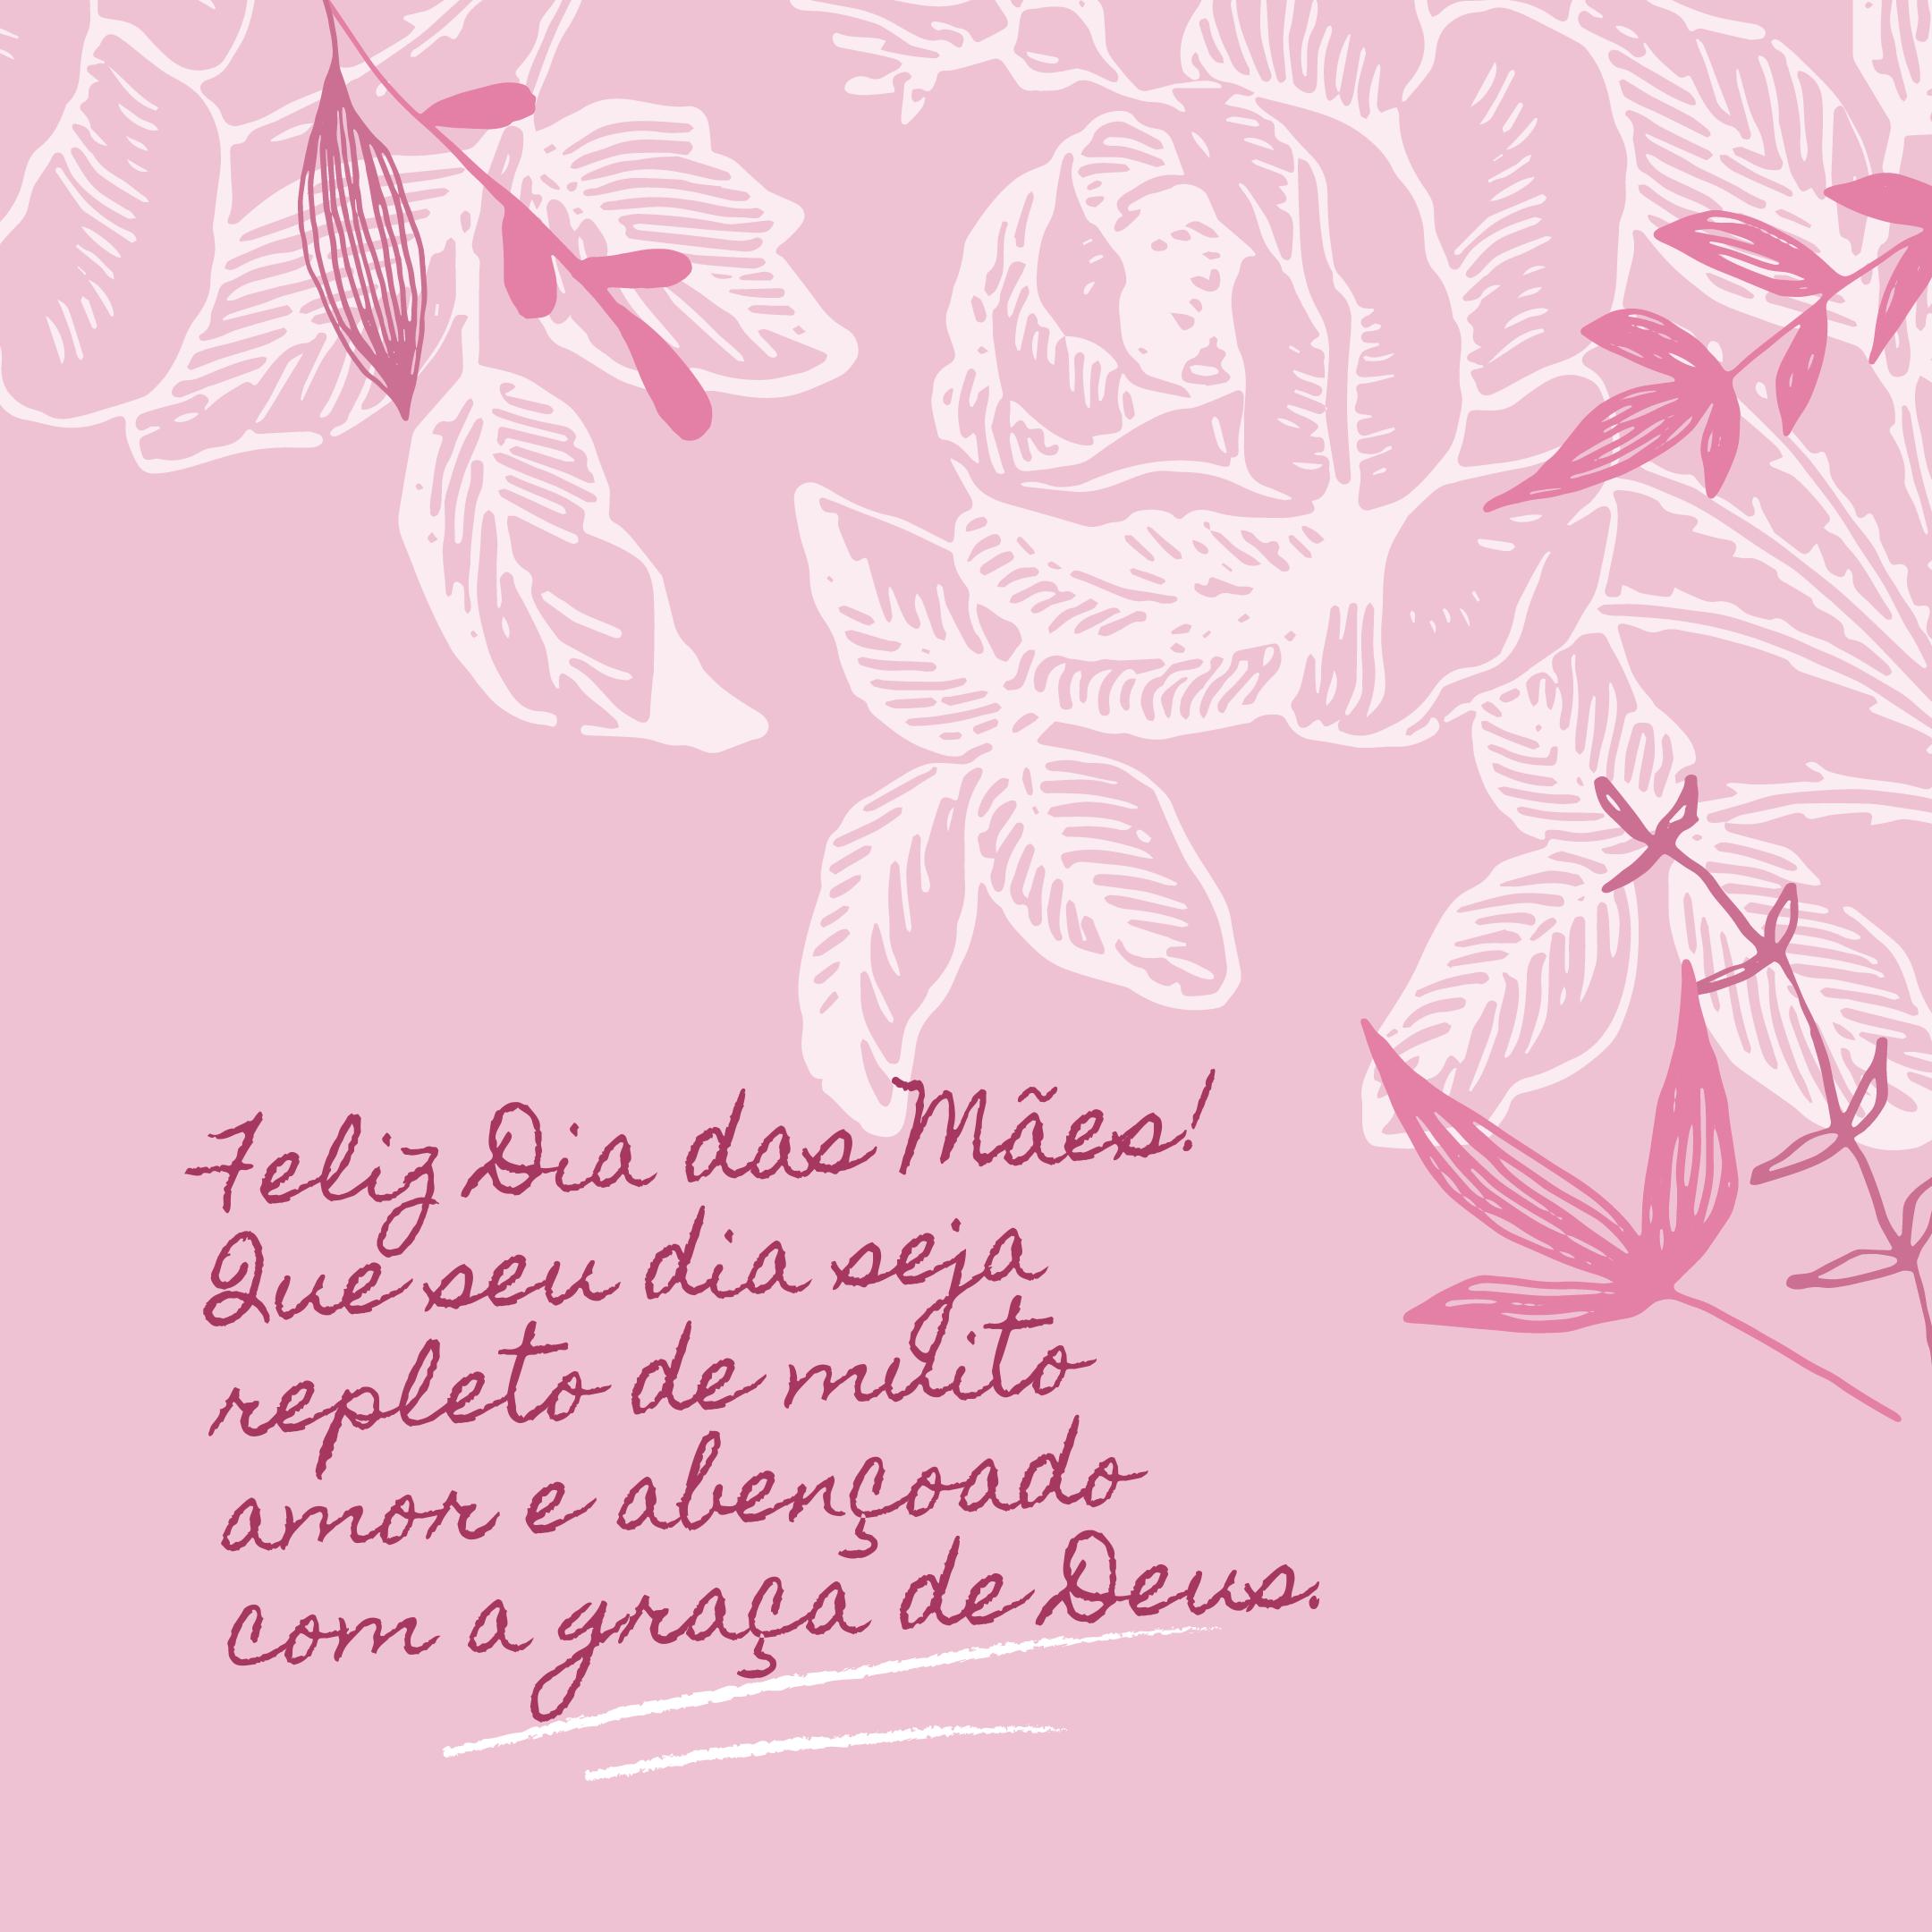 Feliz Dia das Mães! Que seu dia seja repleto de muito amor e abençoado com a graça de Deus.